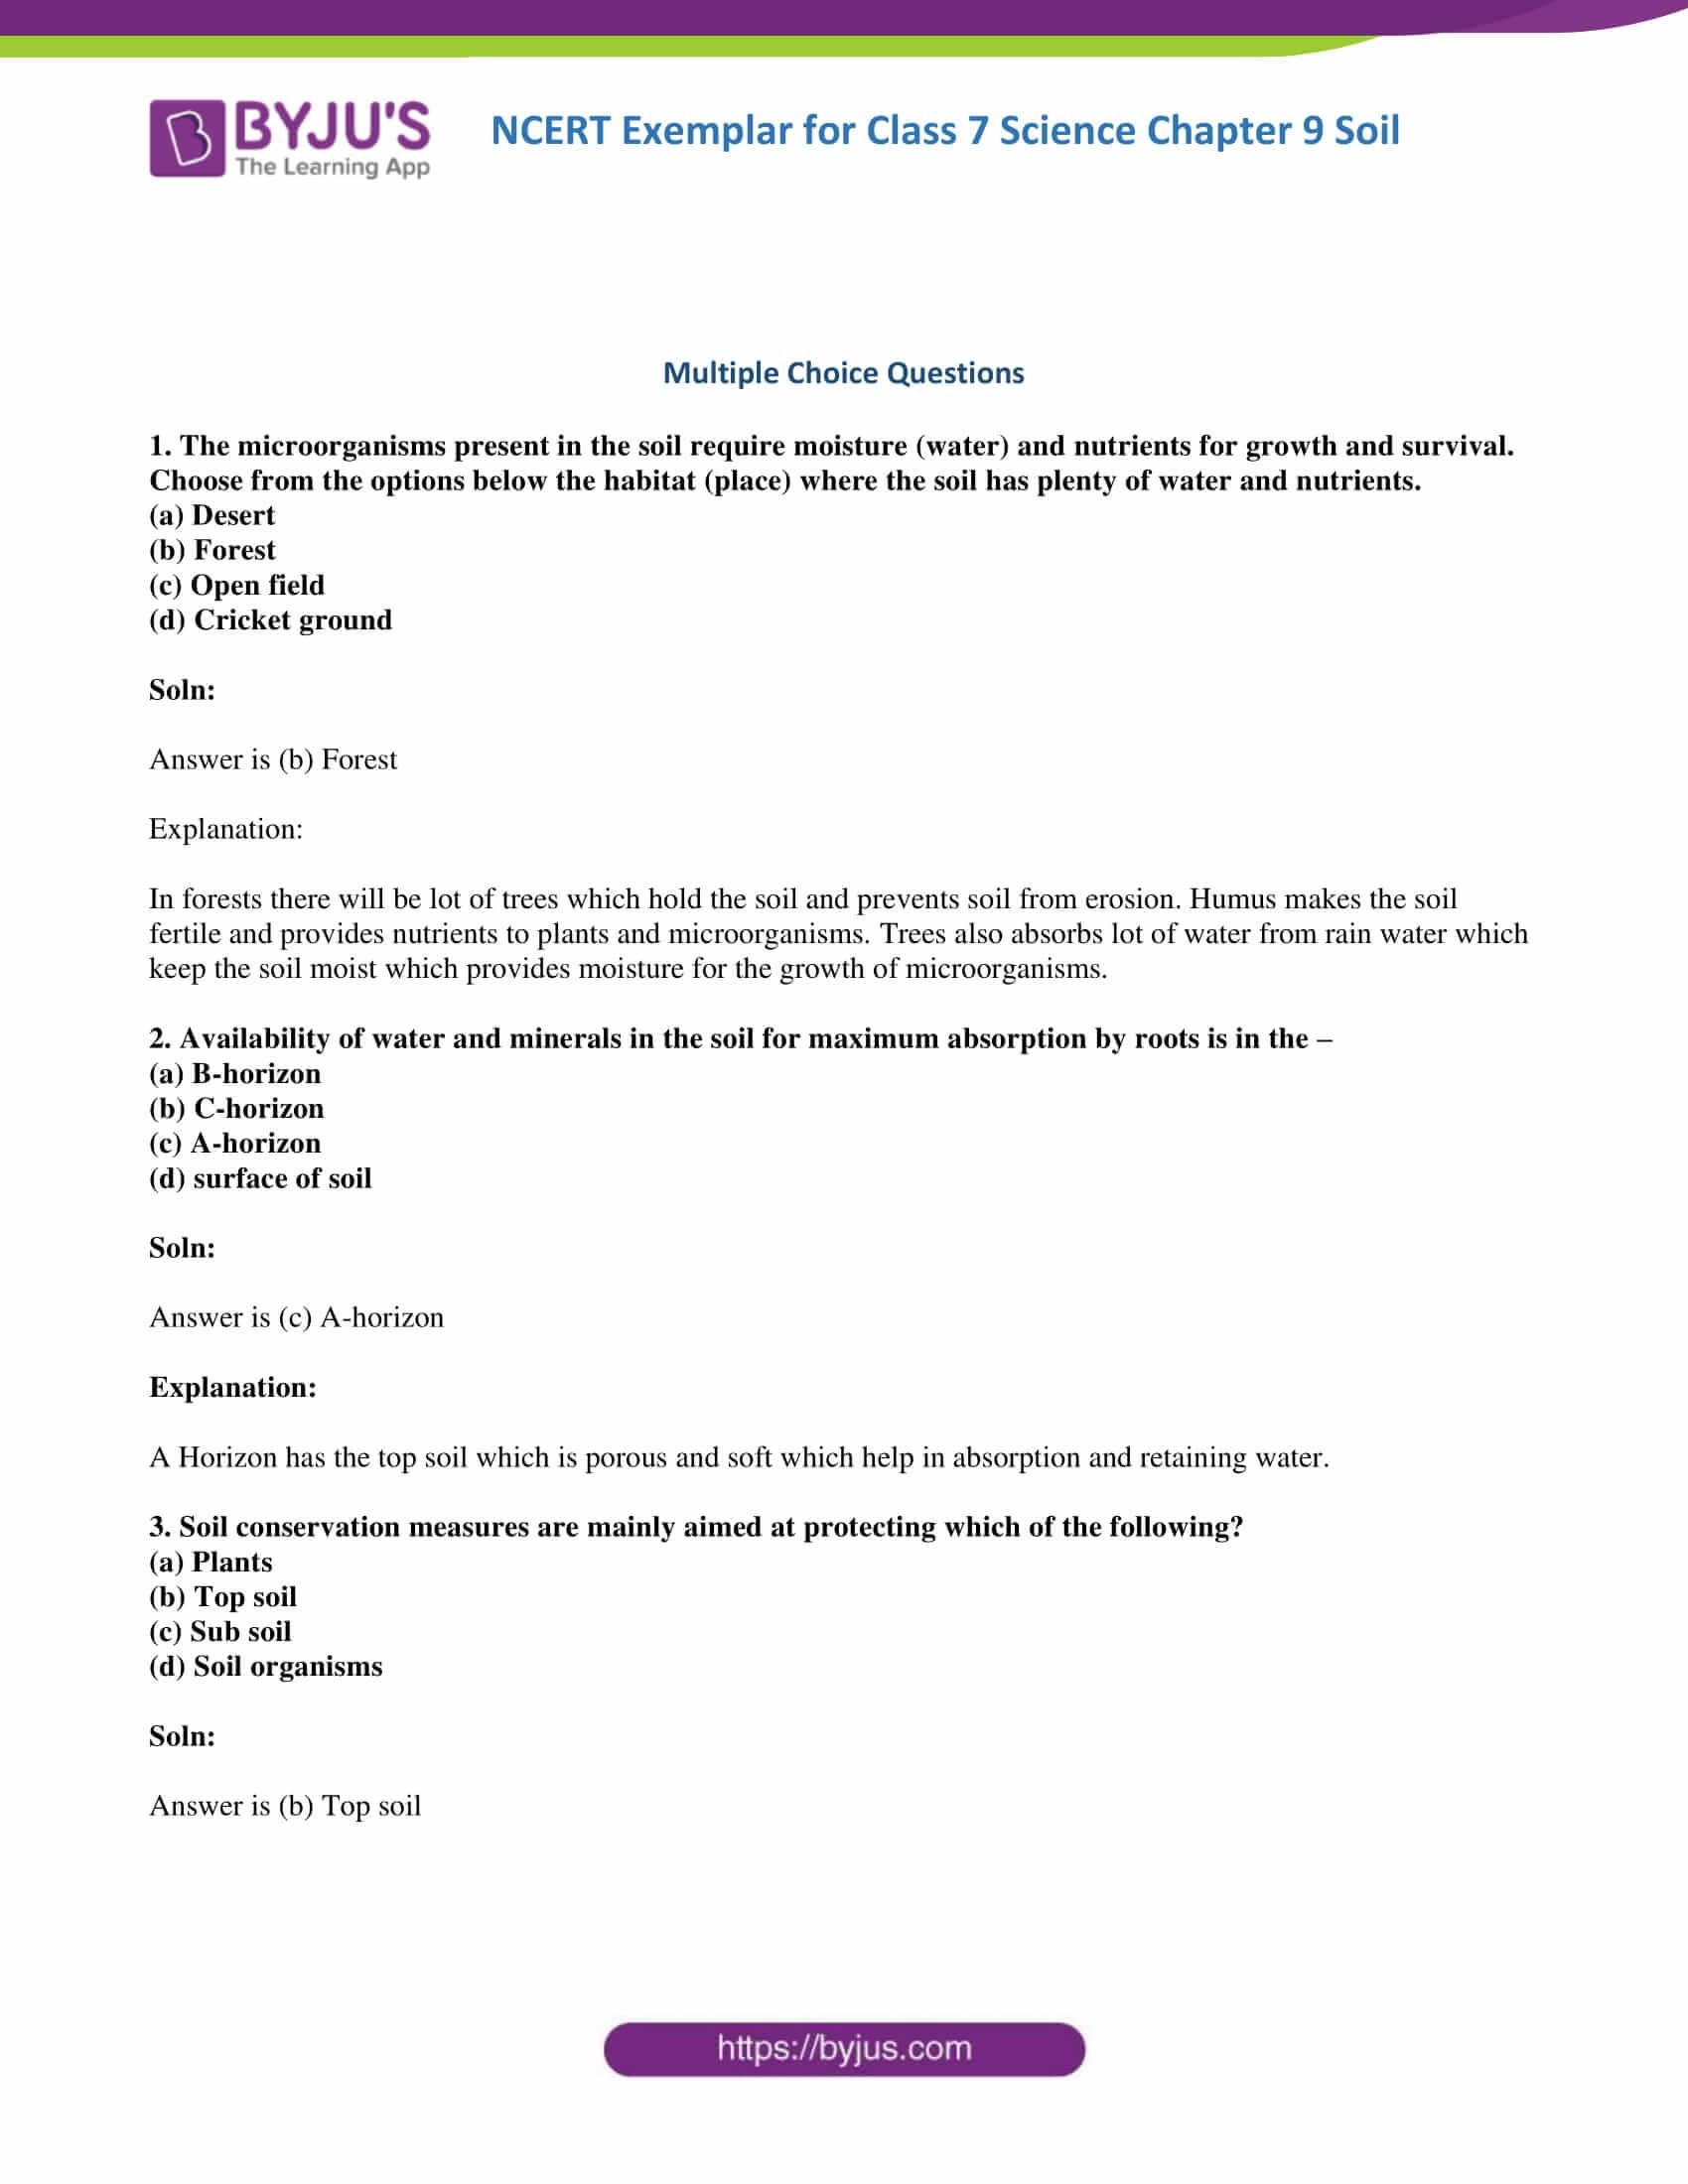 NCERT Exemplar solution class 7 science Chapter 9 1